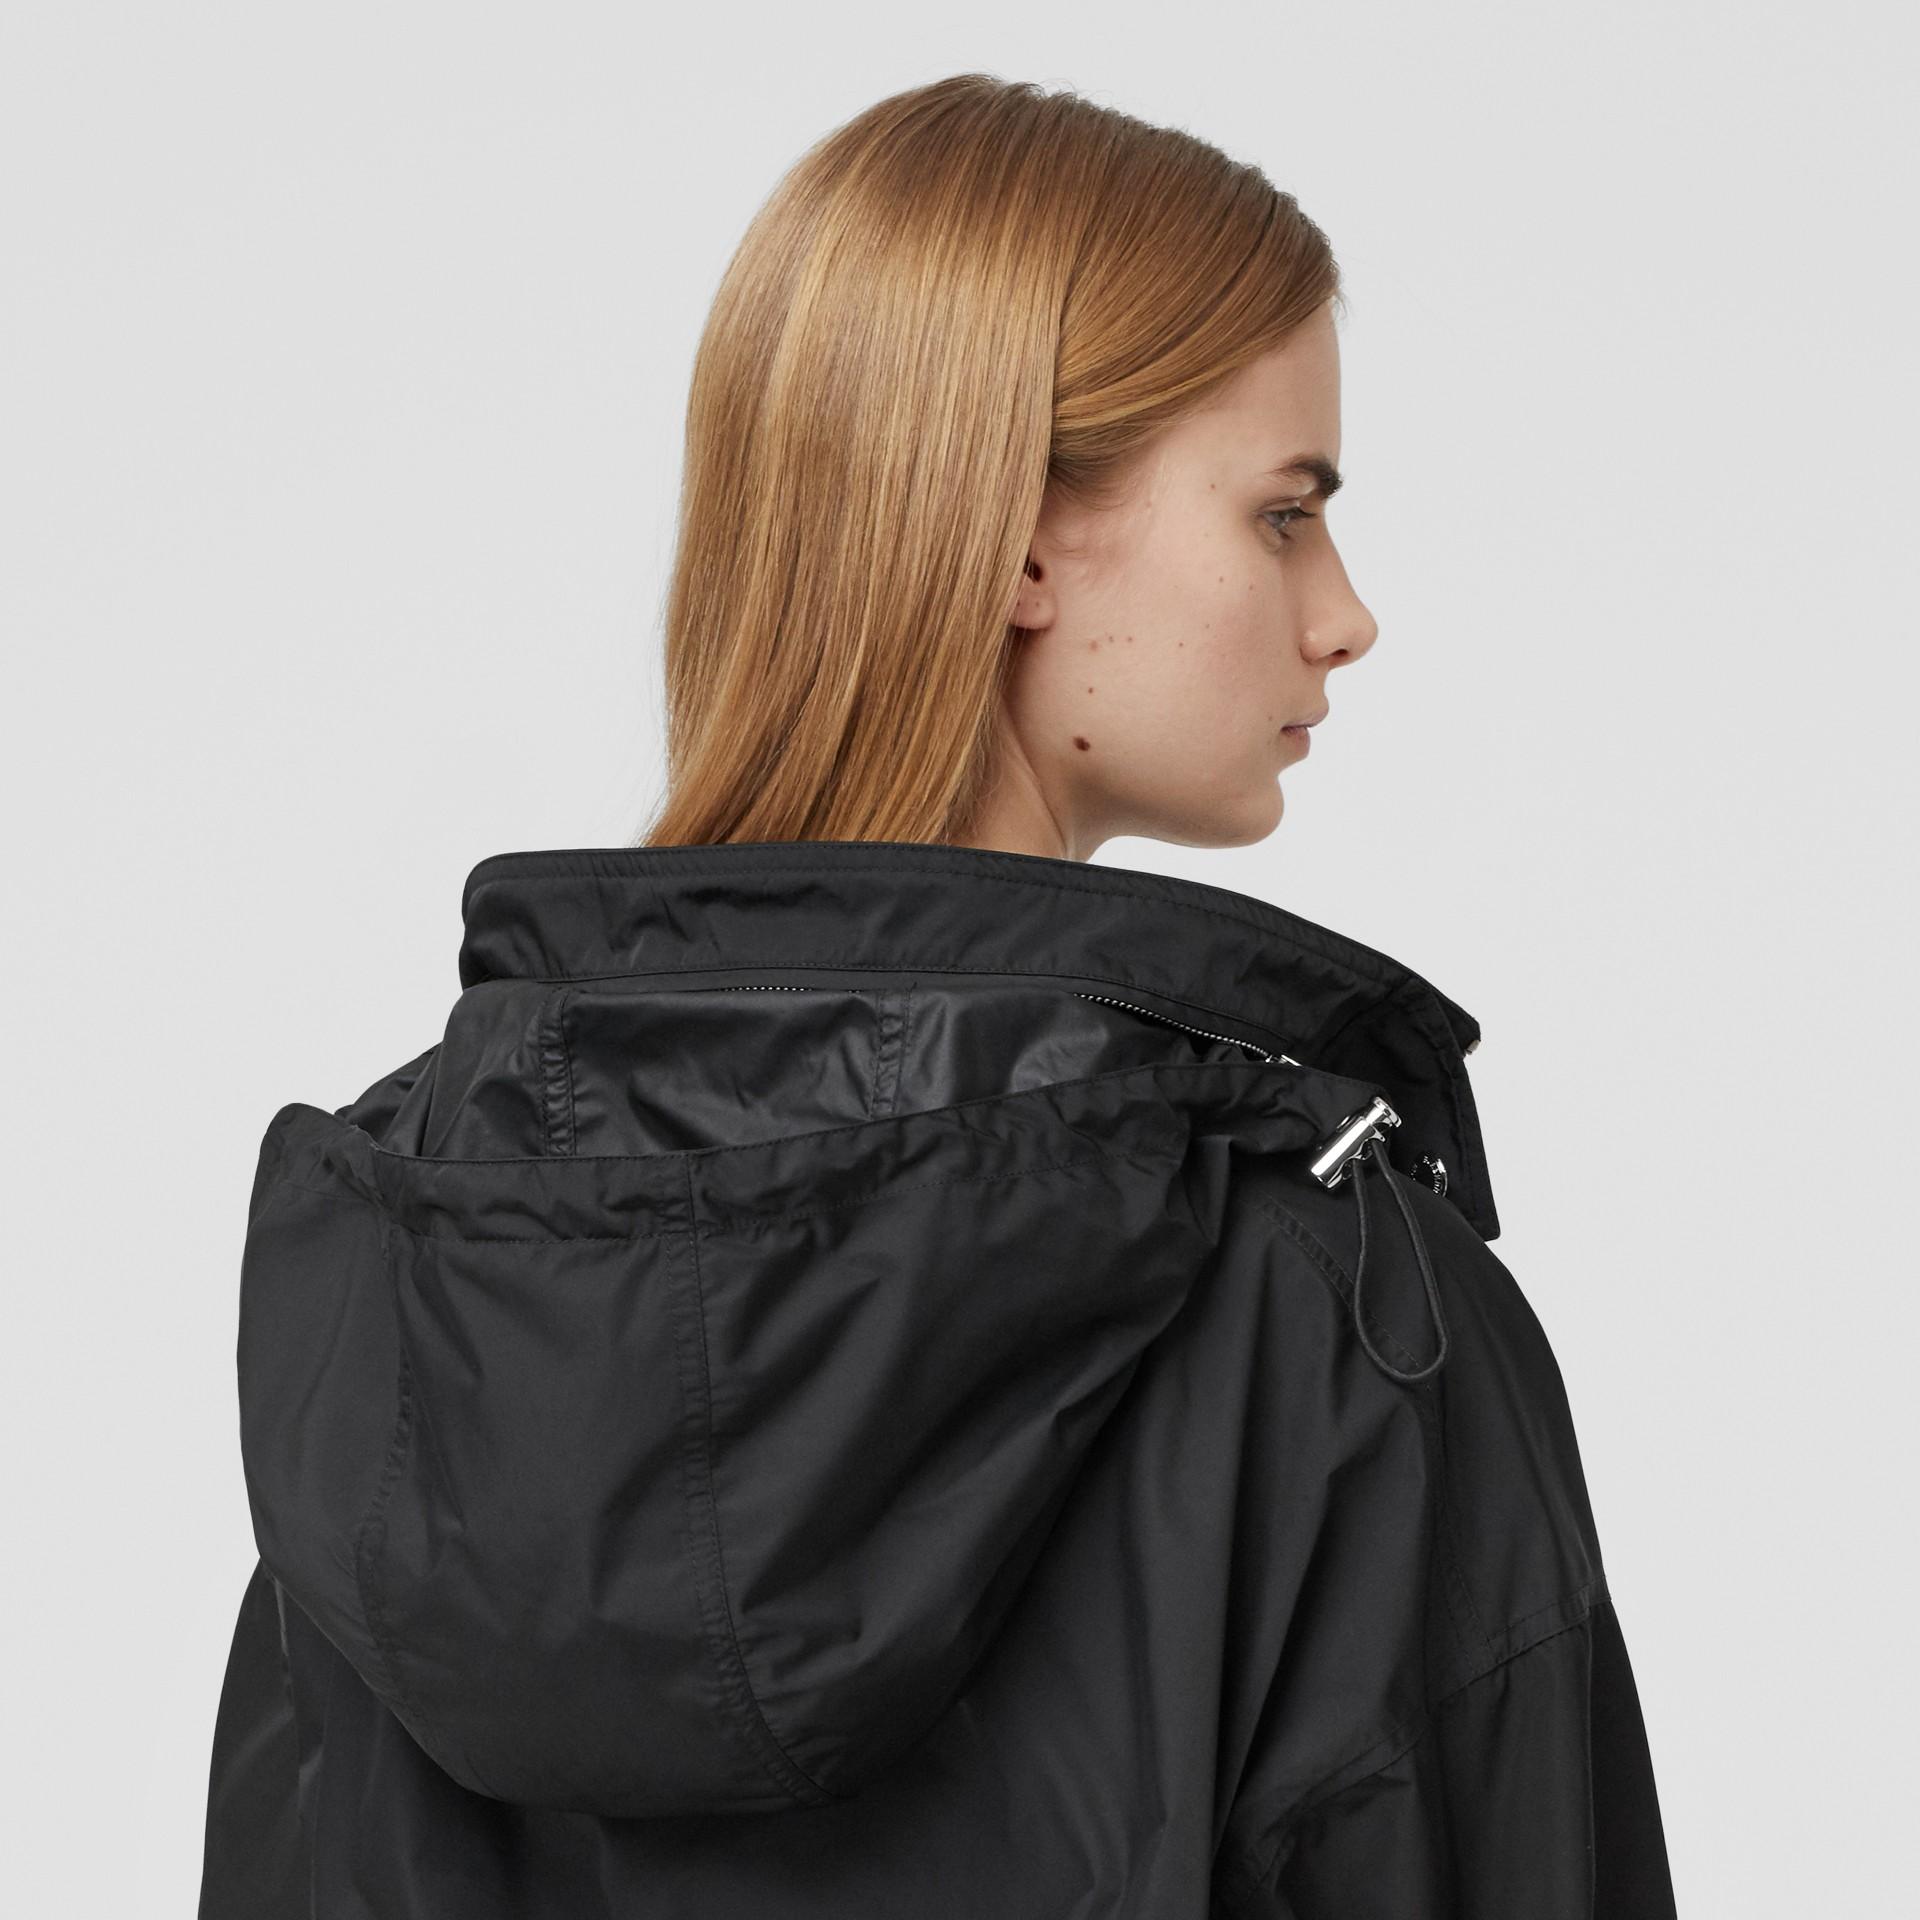 Packaway Hood Bio-based Nylon Jacket in Black - Women | Burberry - gallery image 4